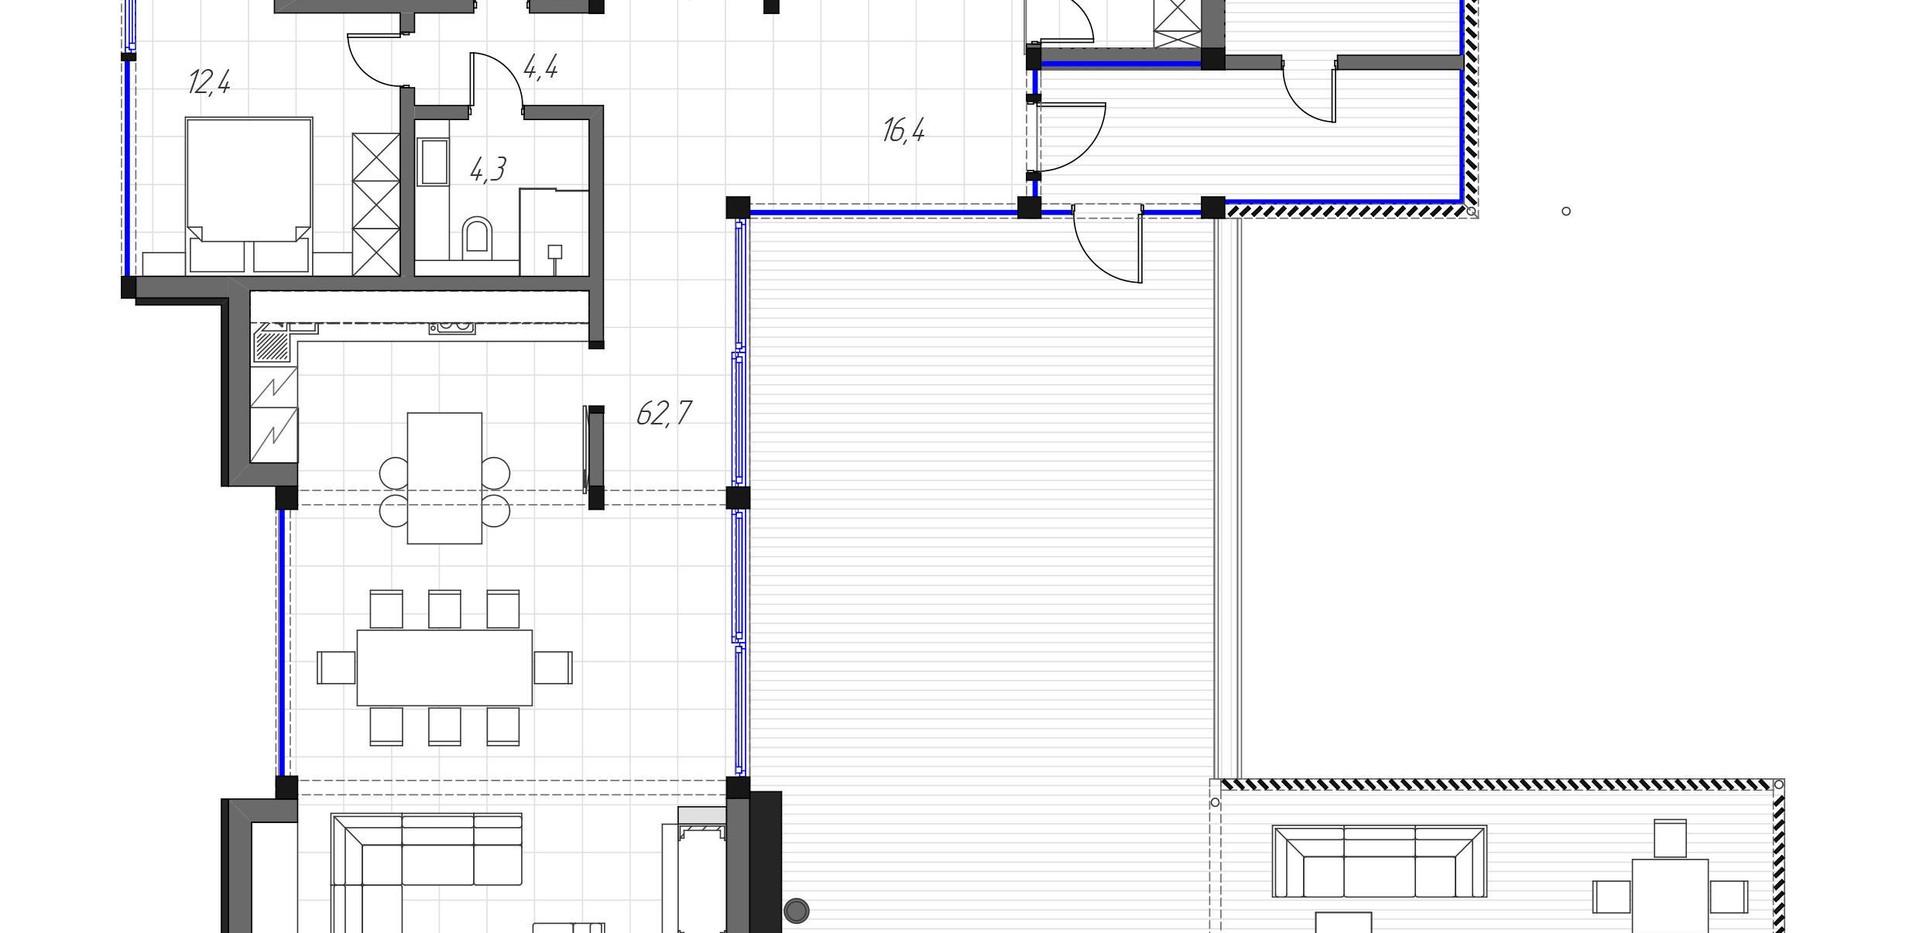 Рига Парк. Коттедж 315 кв.м. План первого этажа